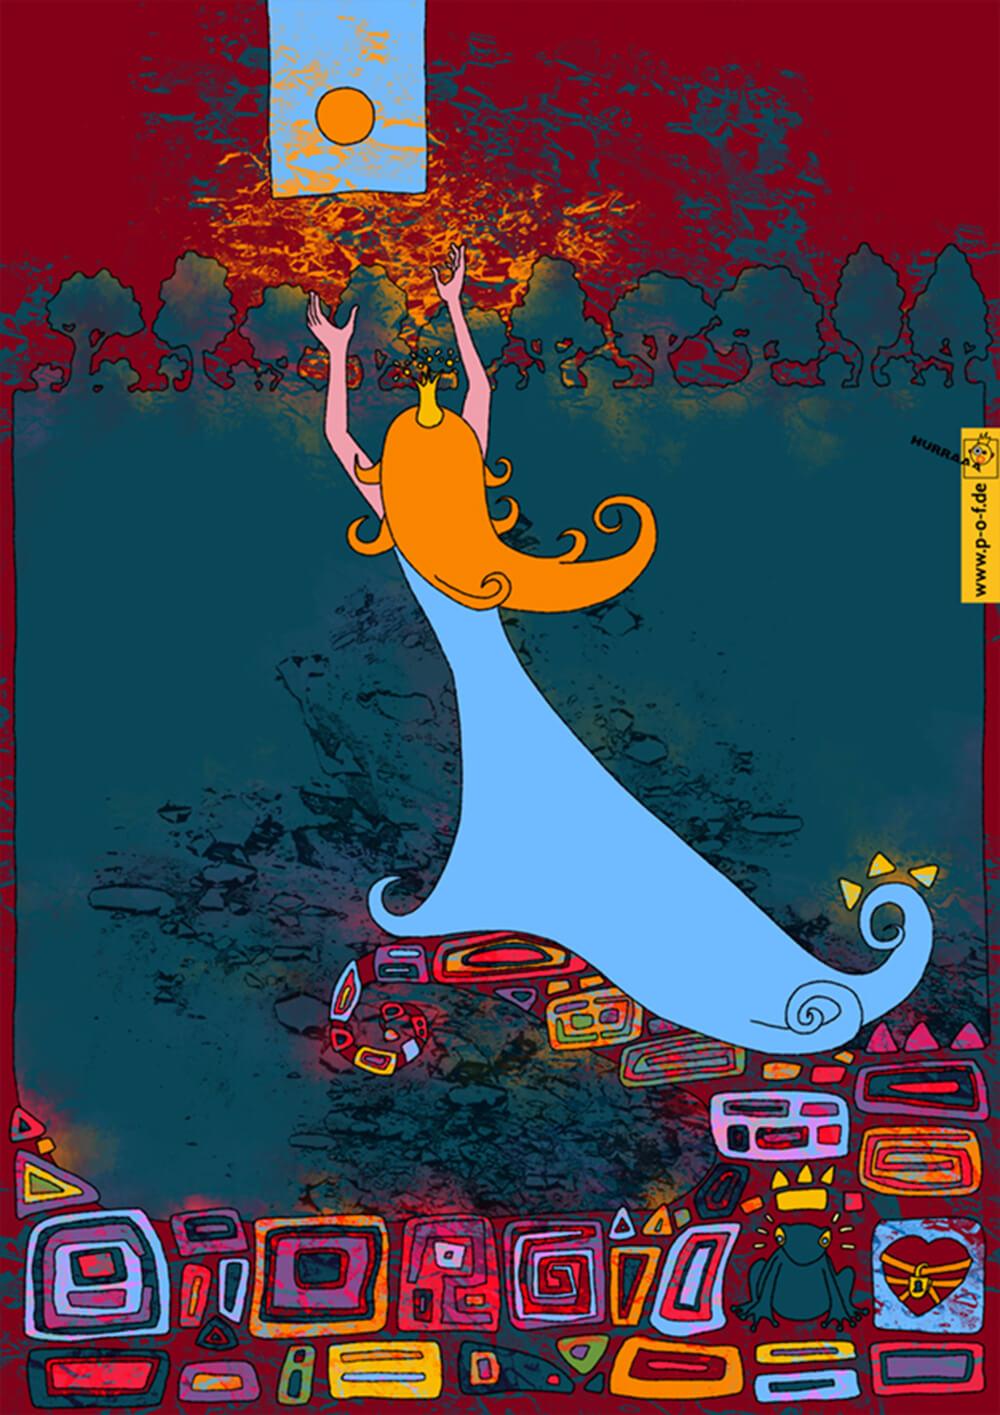 Prinzessin spielt mit ihrer Goldkugel